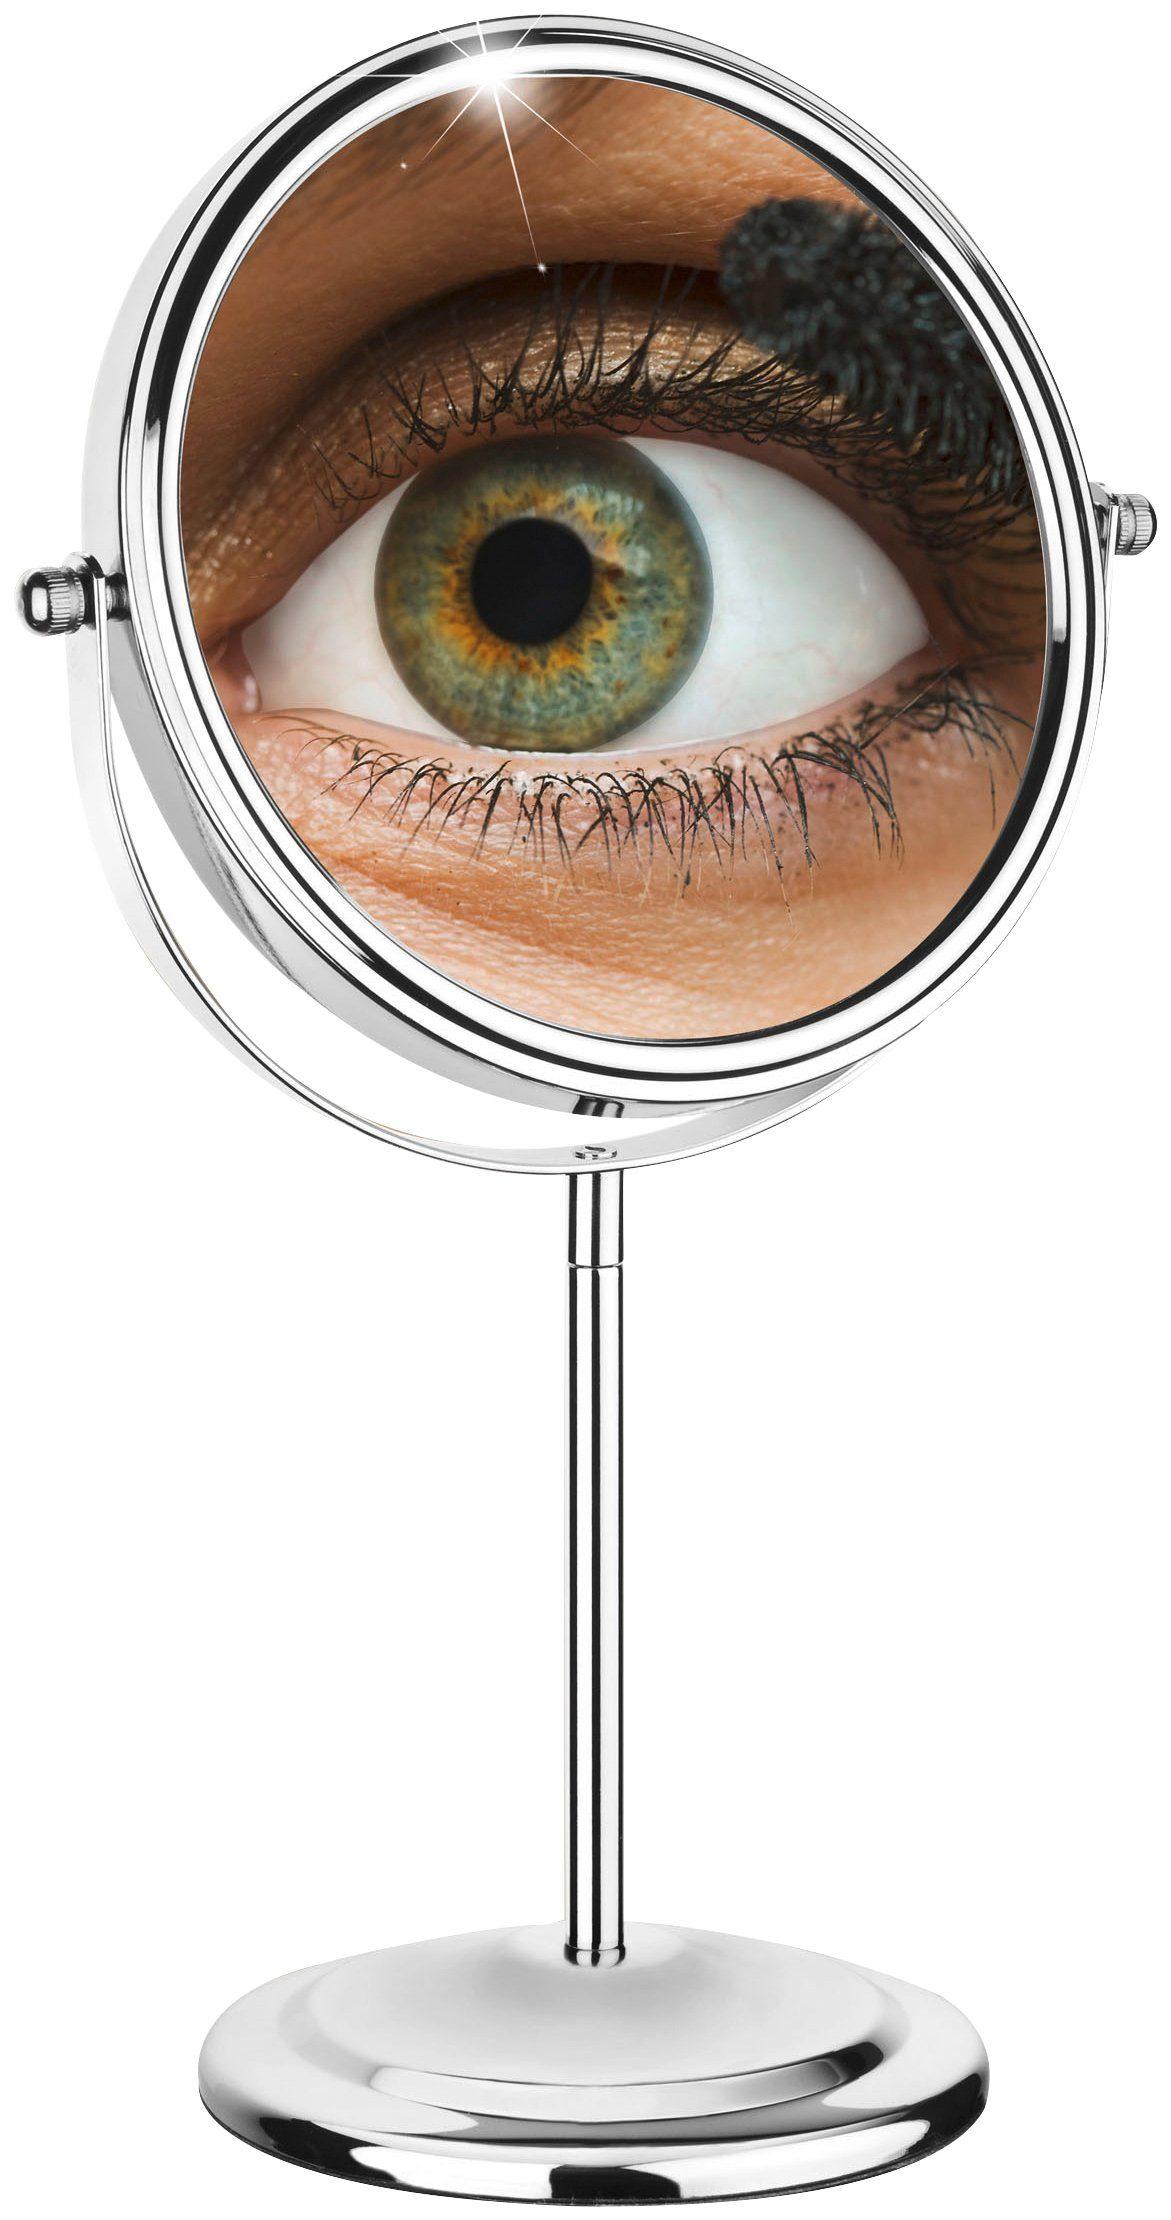 Kosmetikspiegel »Schminkhilfe«, 7-fache Vergrößerung